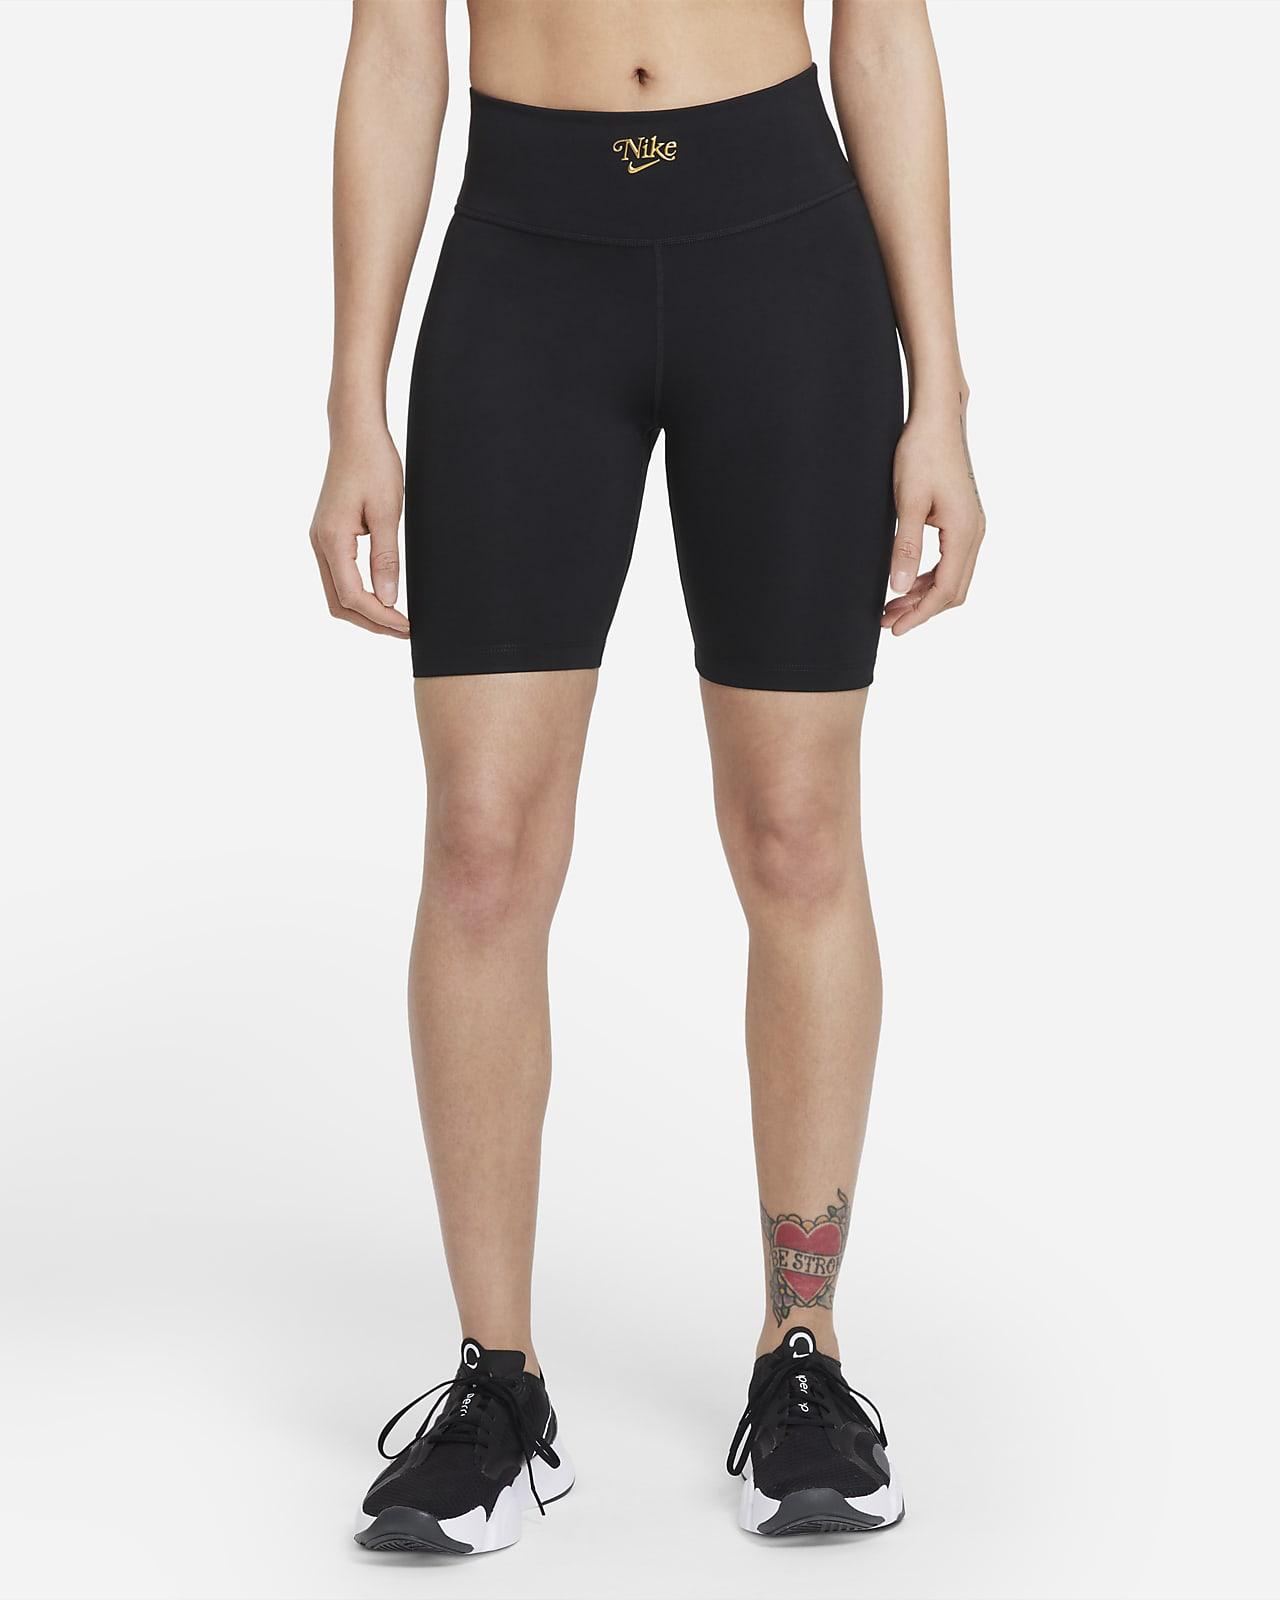 Nike One Femme 18 cm Kadın Şortu